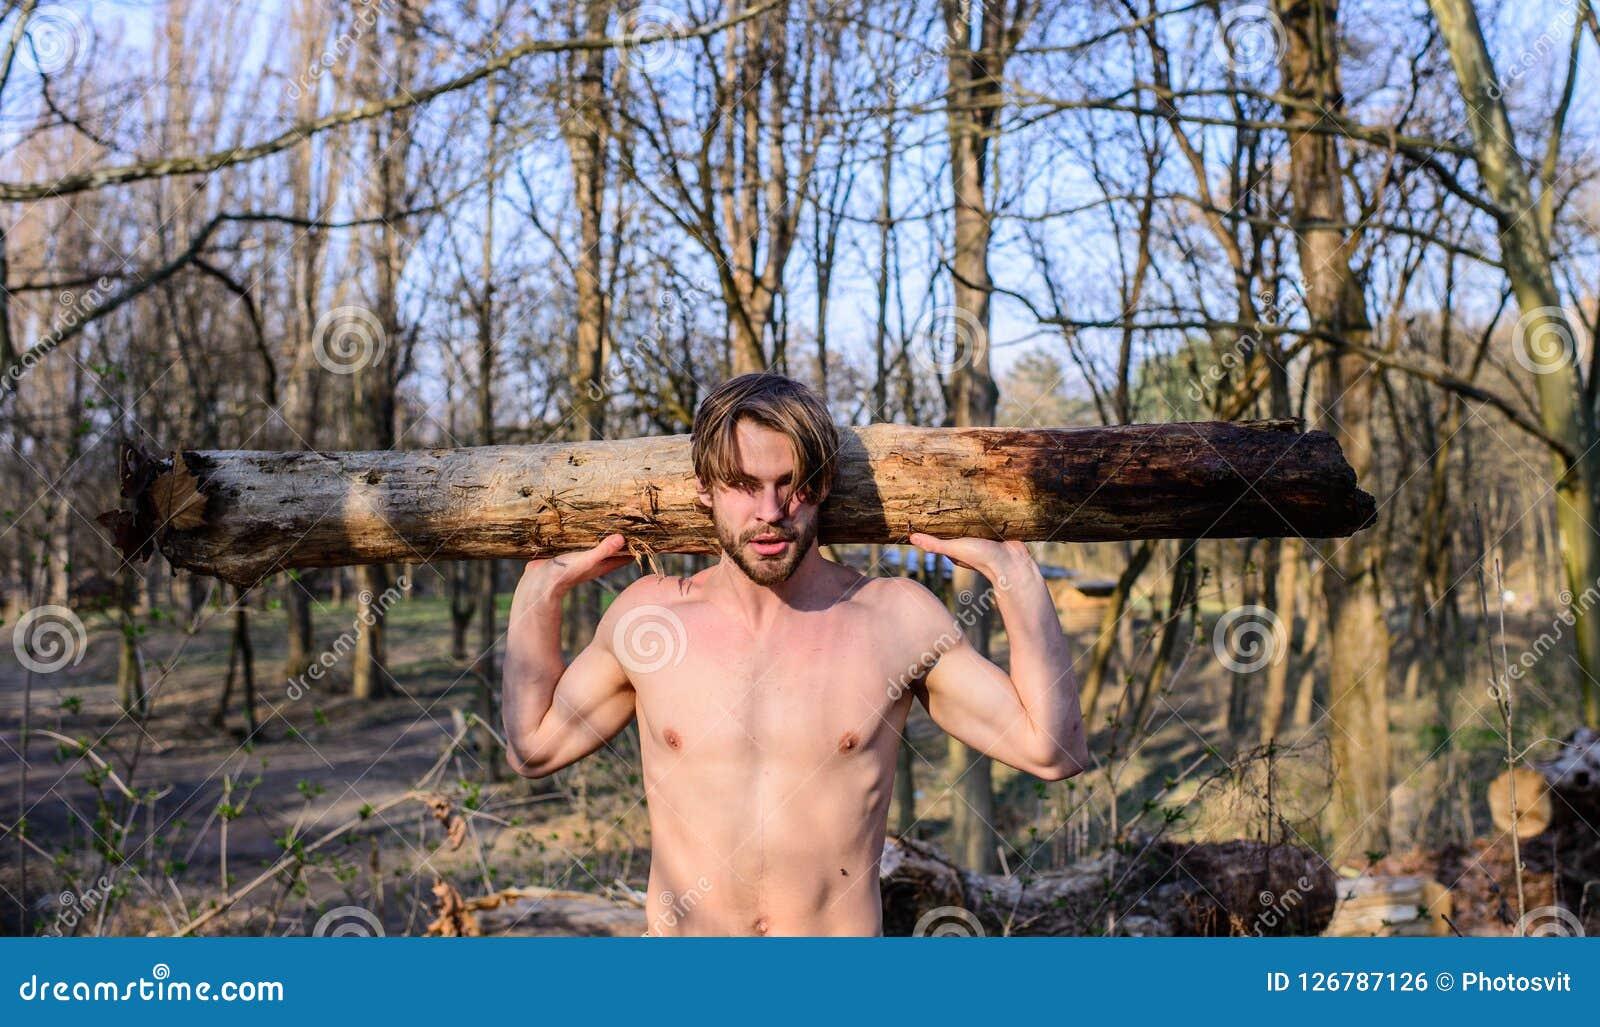 伐木工人或会集木头的樵夫性感的赤裸肌肉躯干 人成串珠状的残酷性感的伐木工人运载大重的日志